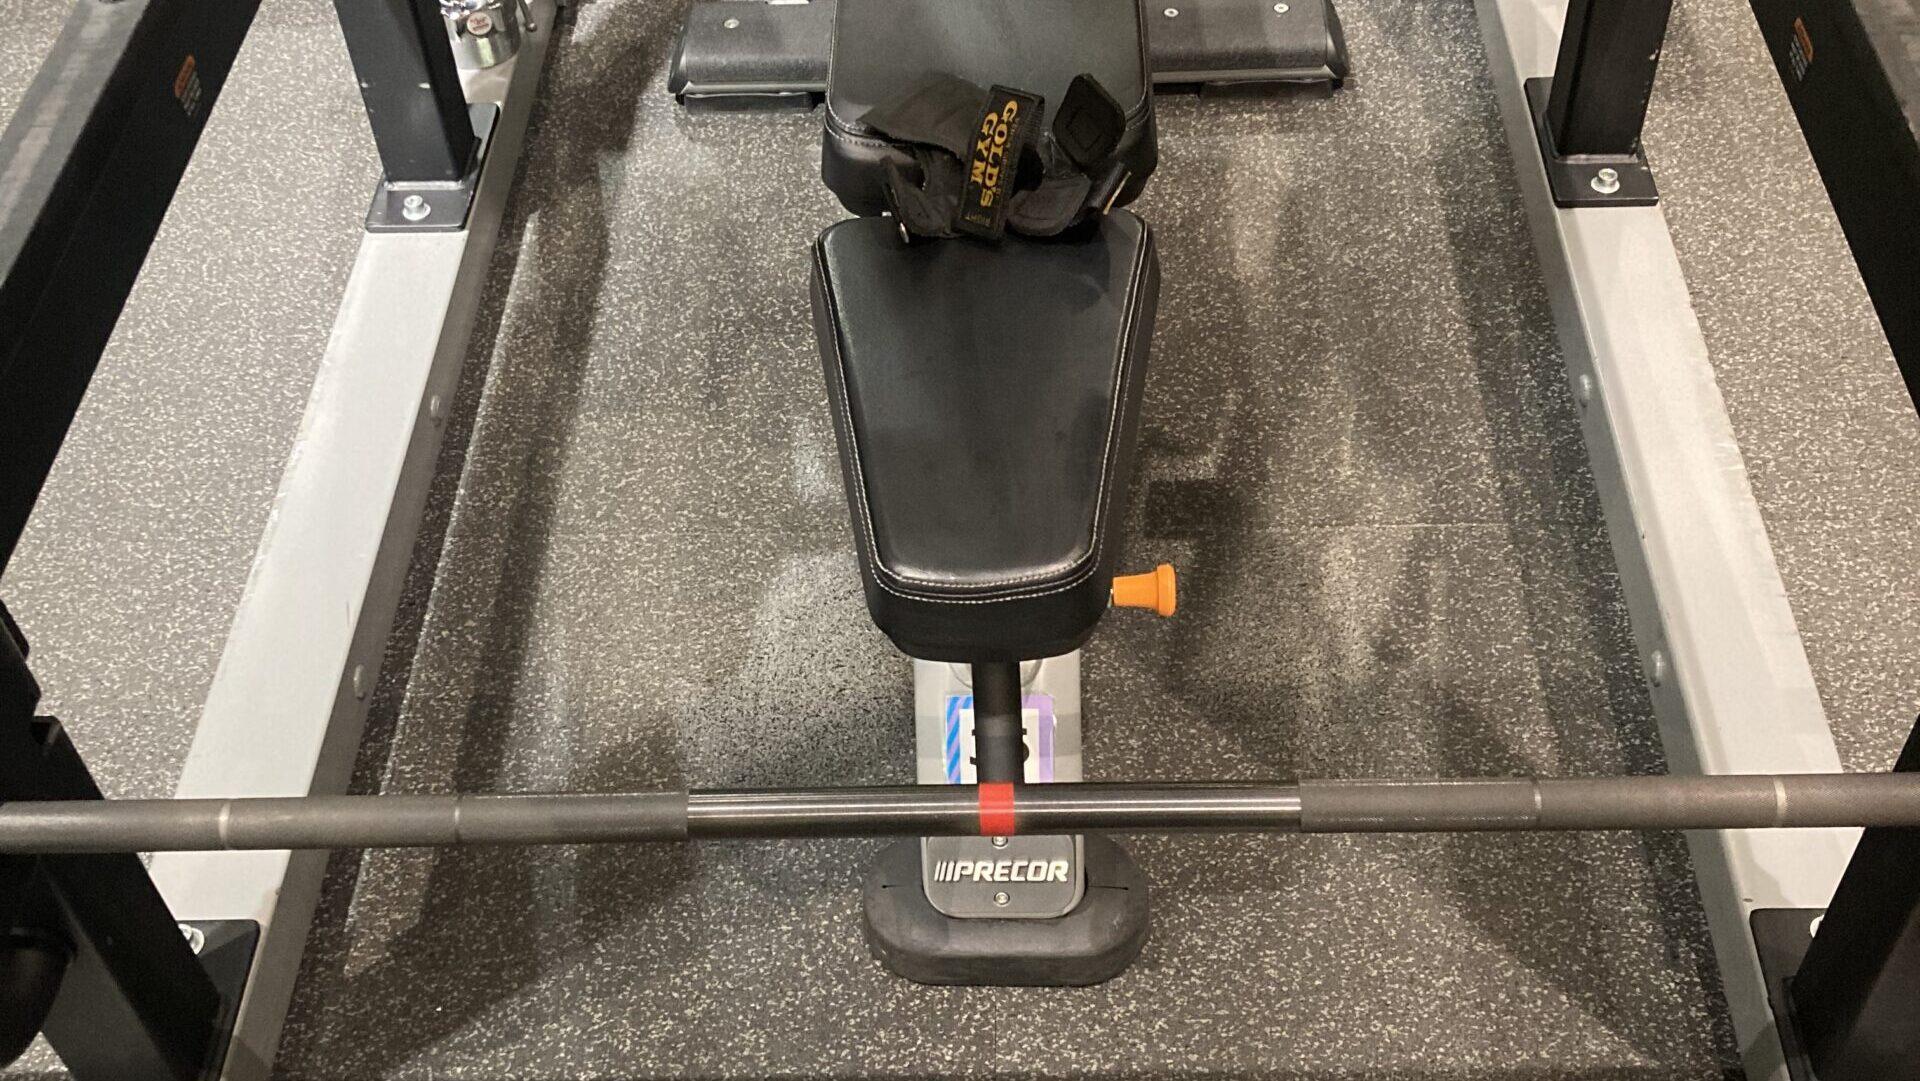 15kgリバウンドをしたので、3ヶ月で10キロのダイエットをします。